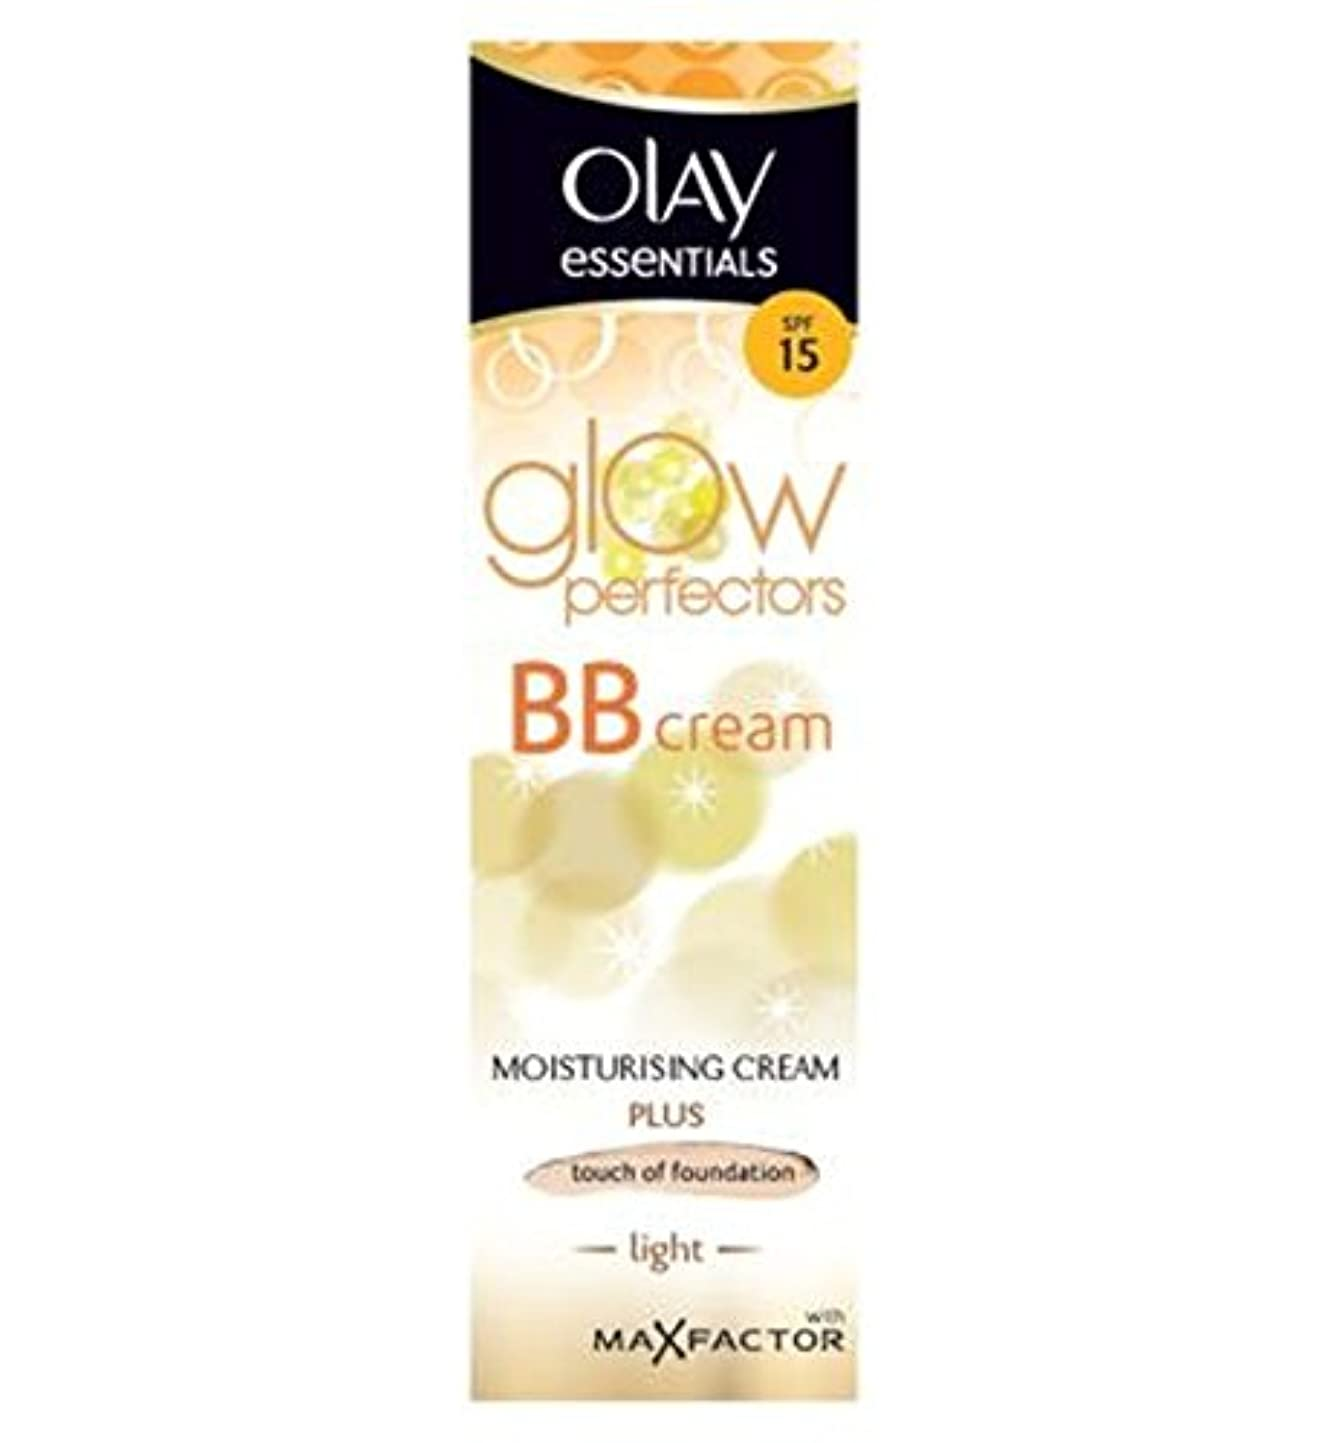 発表把握有望Olay Complete BB Cream SPF15 Skin Perfecting Tinted Moisturiser 50ml - Fair - 着色保湿50ミリリットルを完成オーレイ完全なBbクリームSpf15...